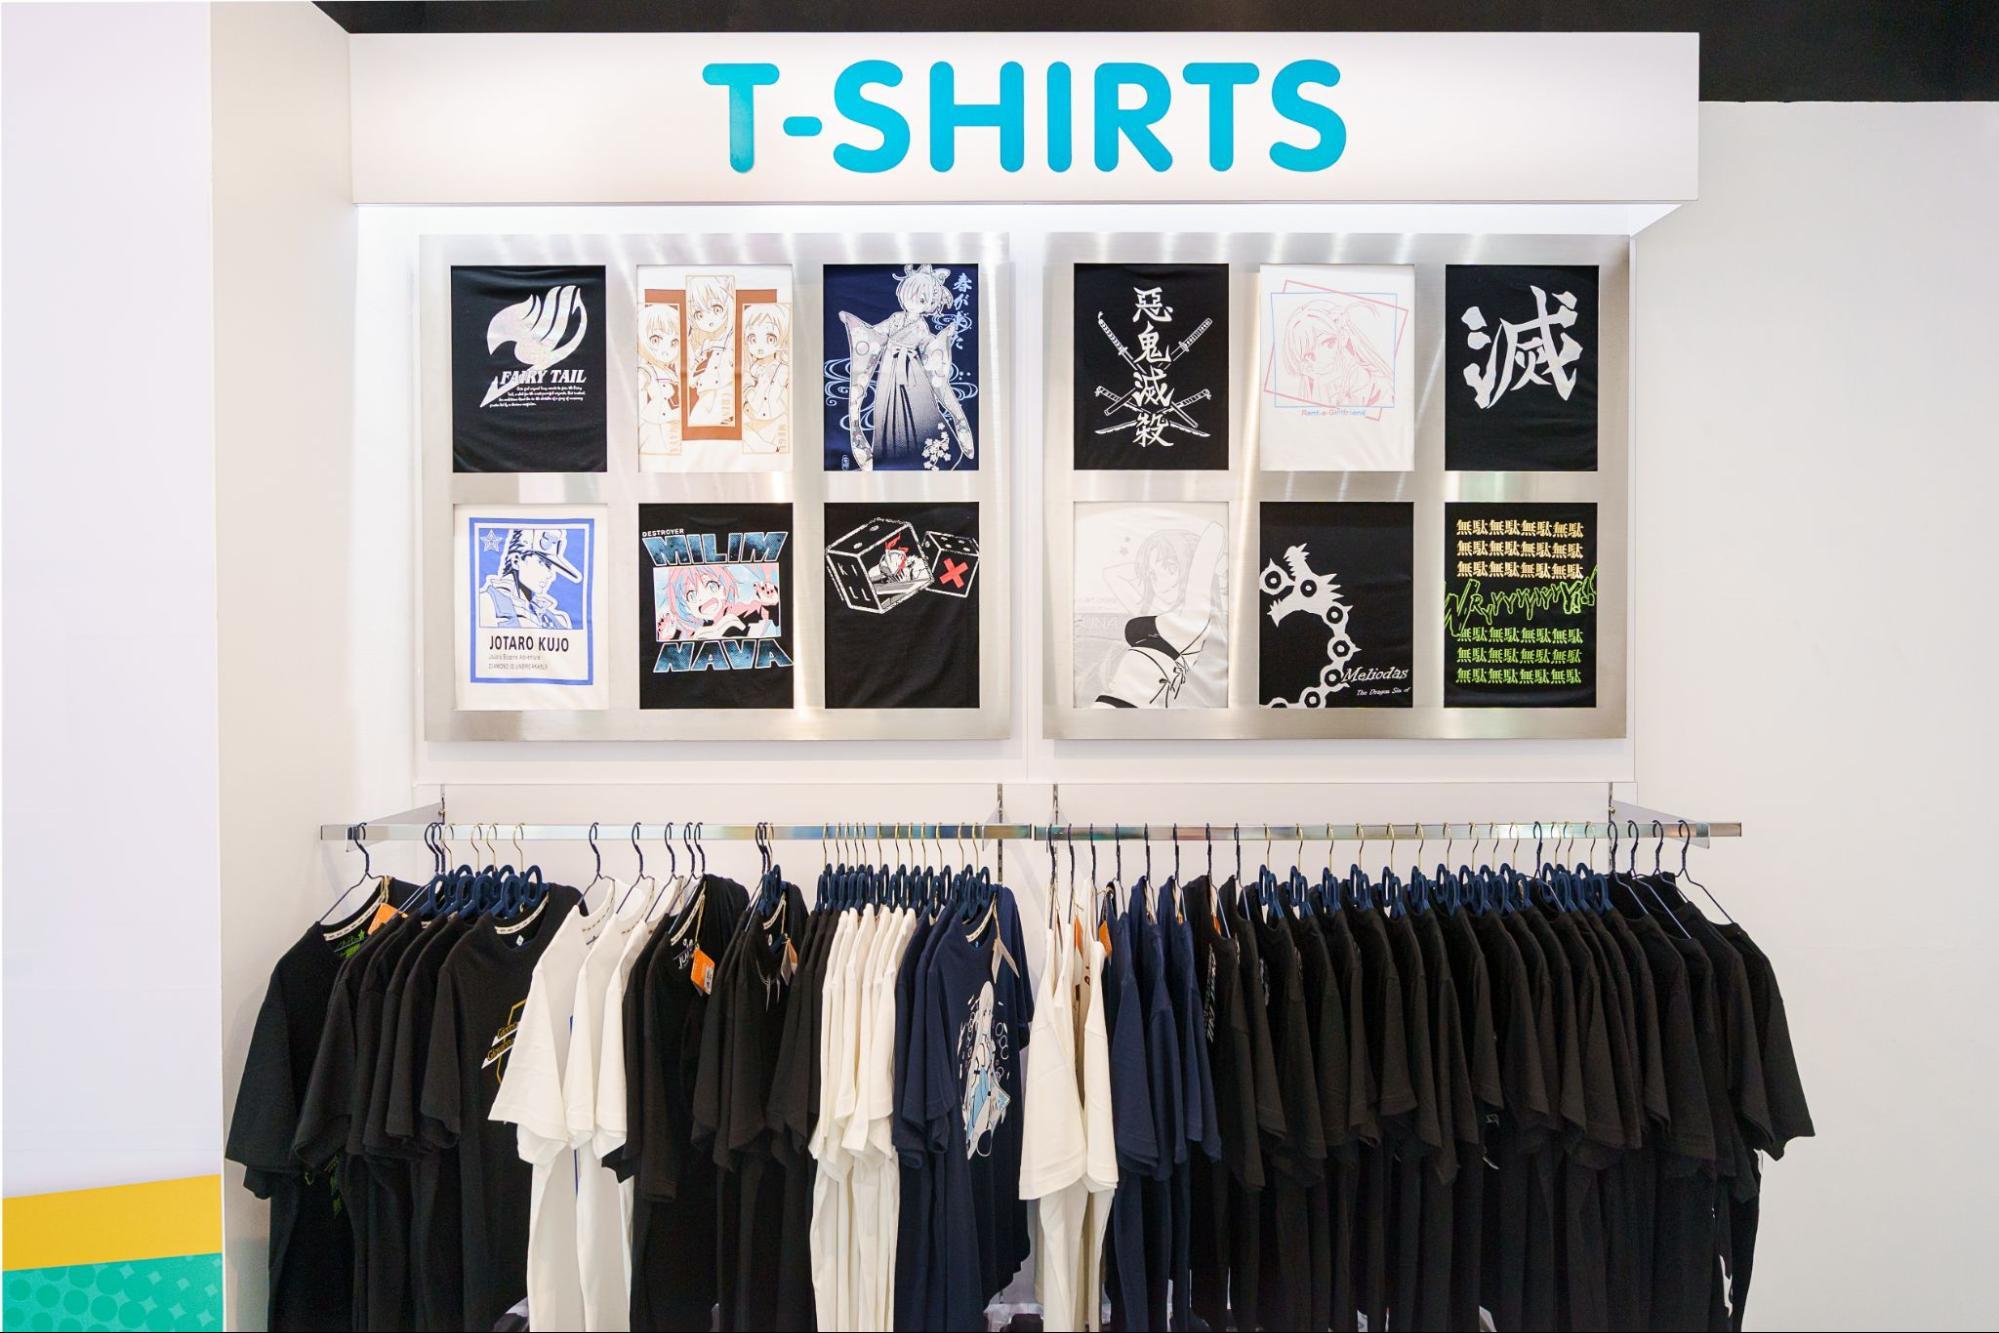 hakken vivocity - t-shirt merch